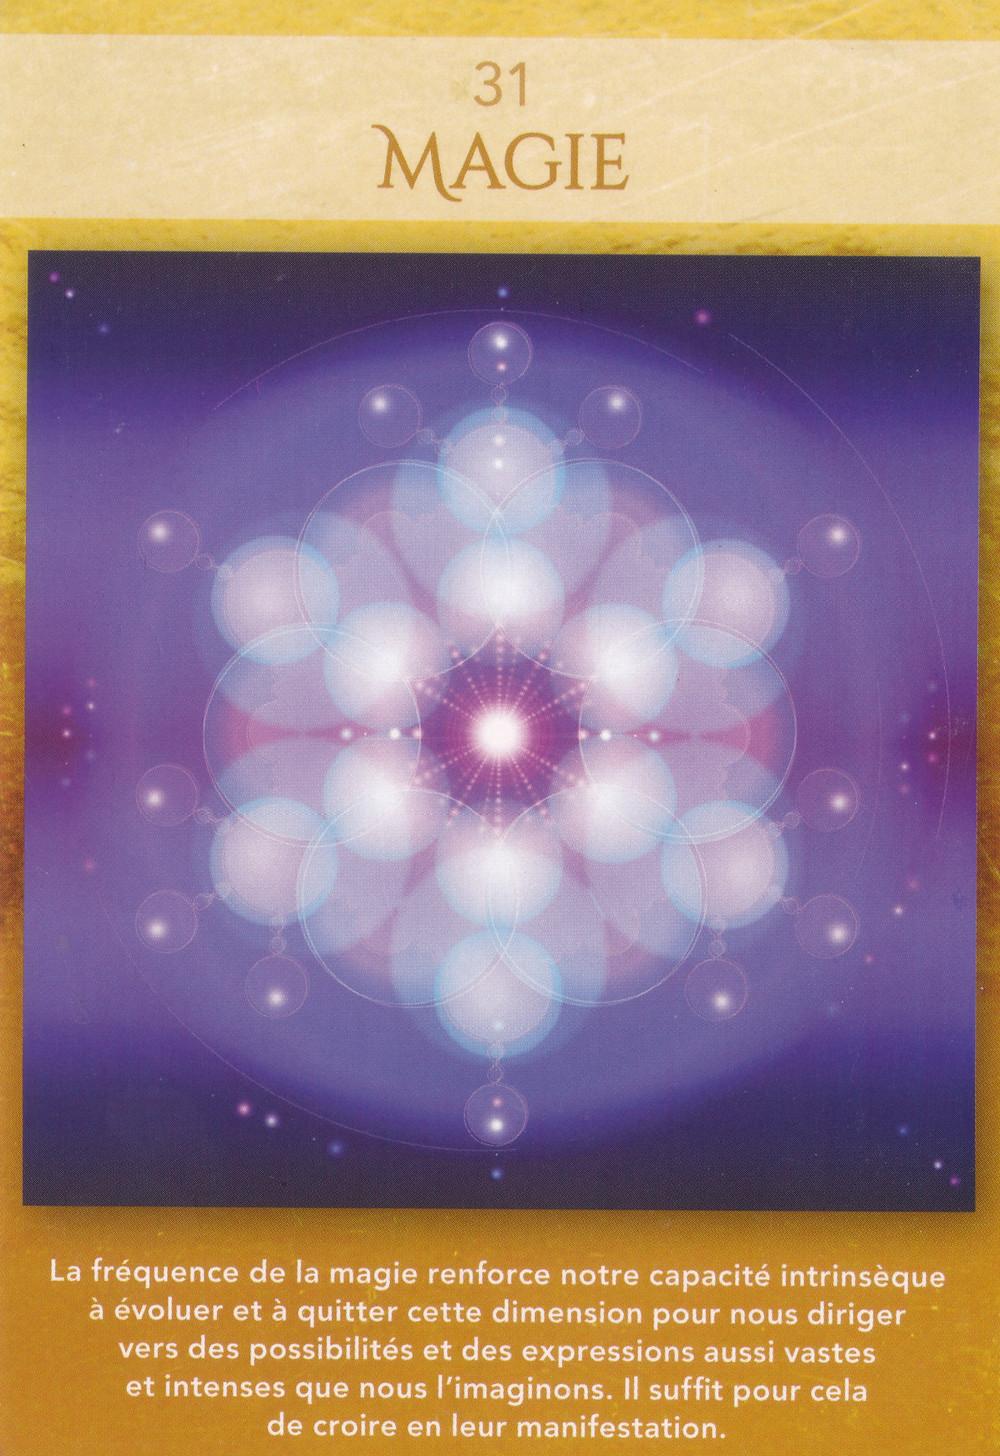 Carte tirée du Jeu Géométrie Sacrée de Lon - 31 - Magie - Energie du weekend du 8 9 10 novembre 2019 (Portail du 11-11) : Que la Magie opère !